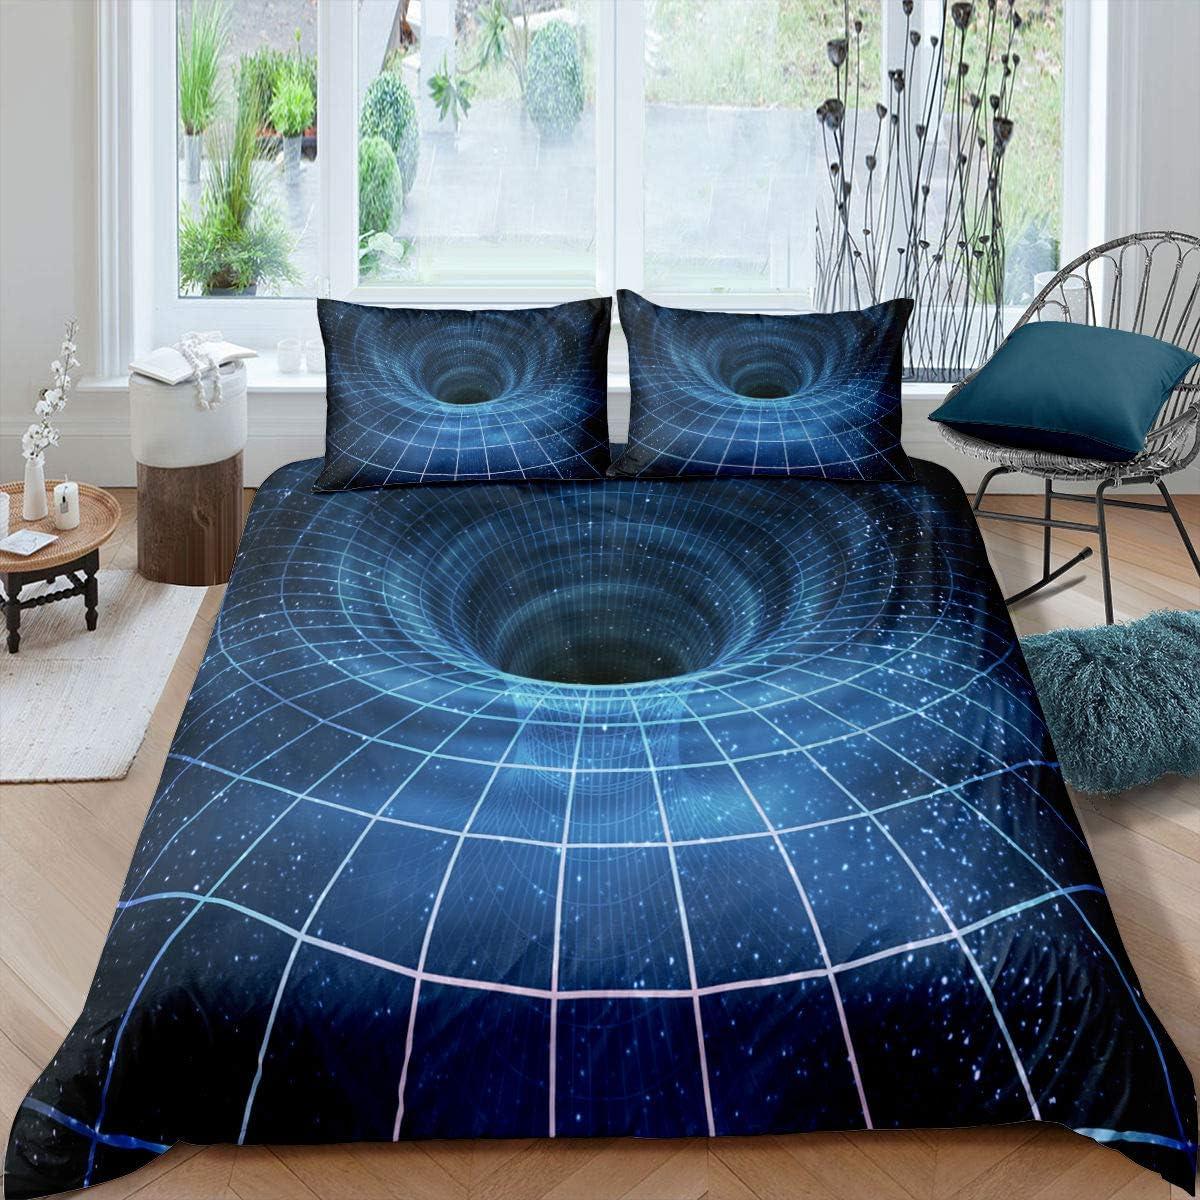 Erosebridal 買収 在庫あり Meridian Donut Duvet Cover Geometric Vor Bedding Set